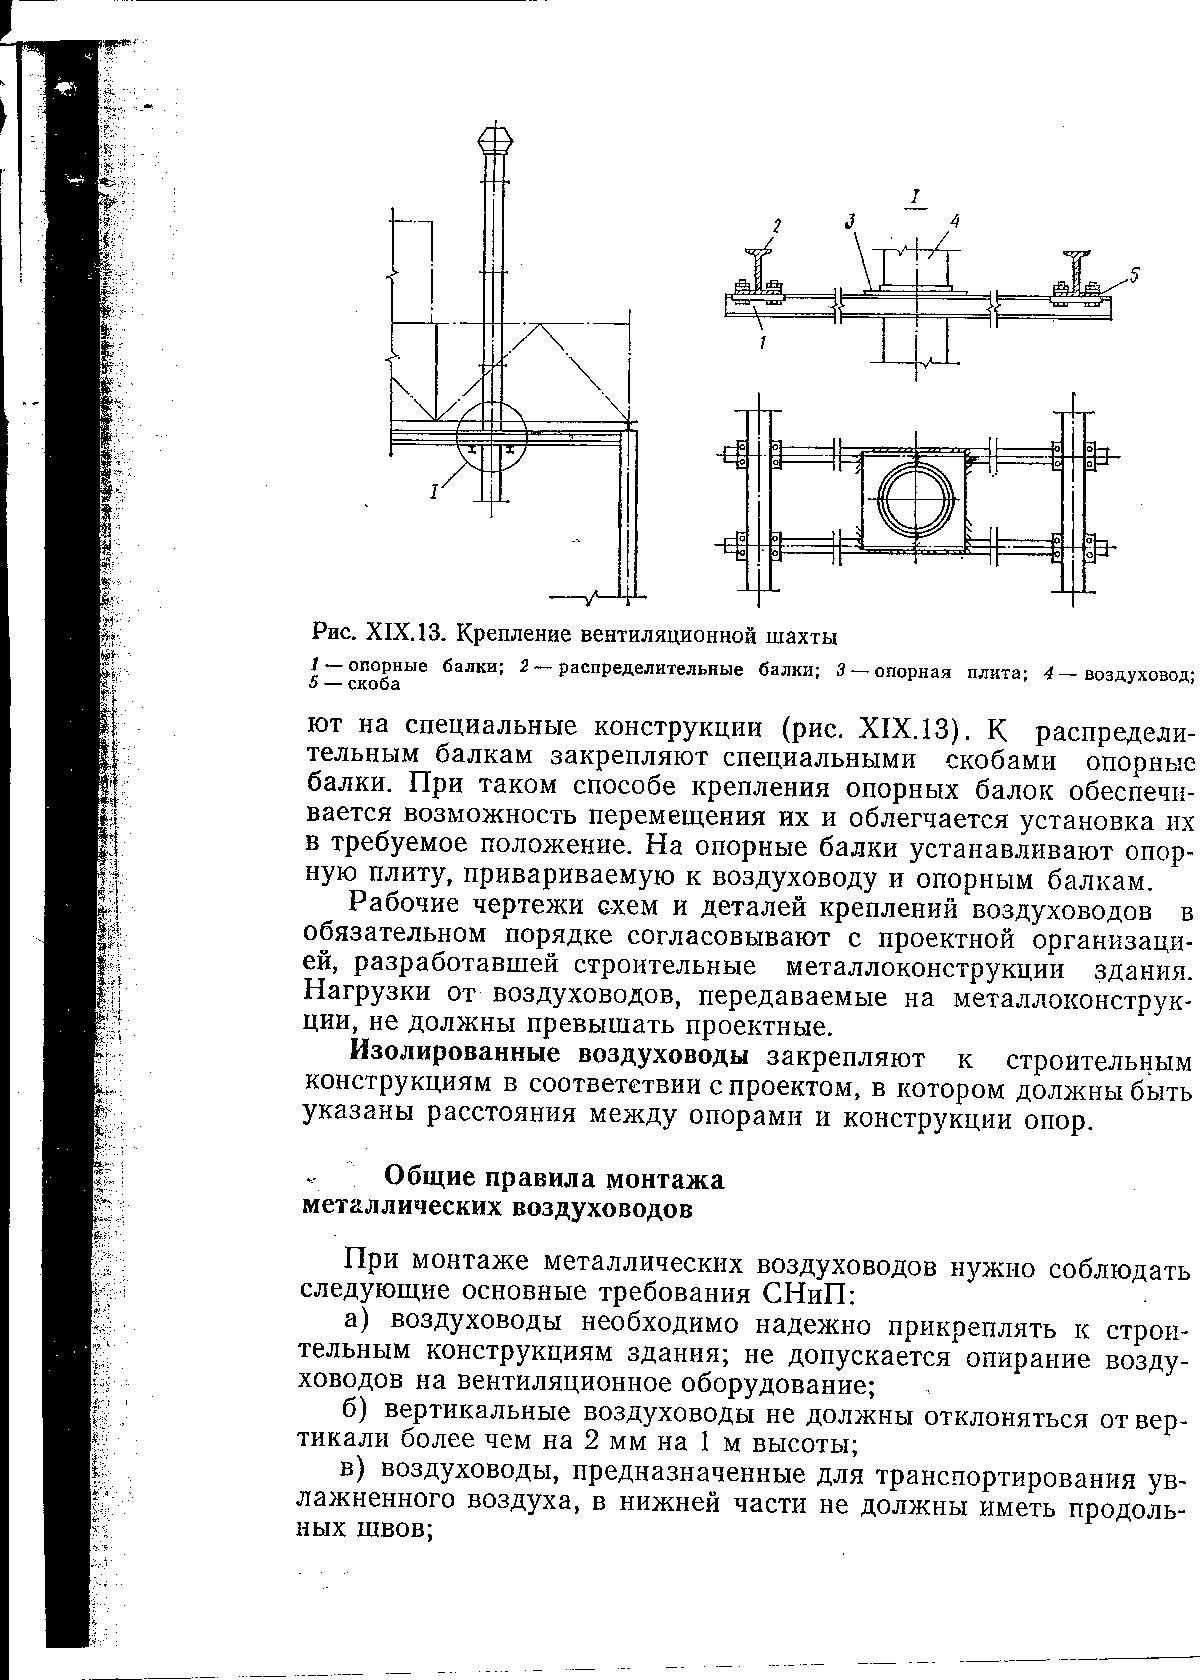 Основные правила монтажа воздуховодов